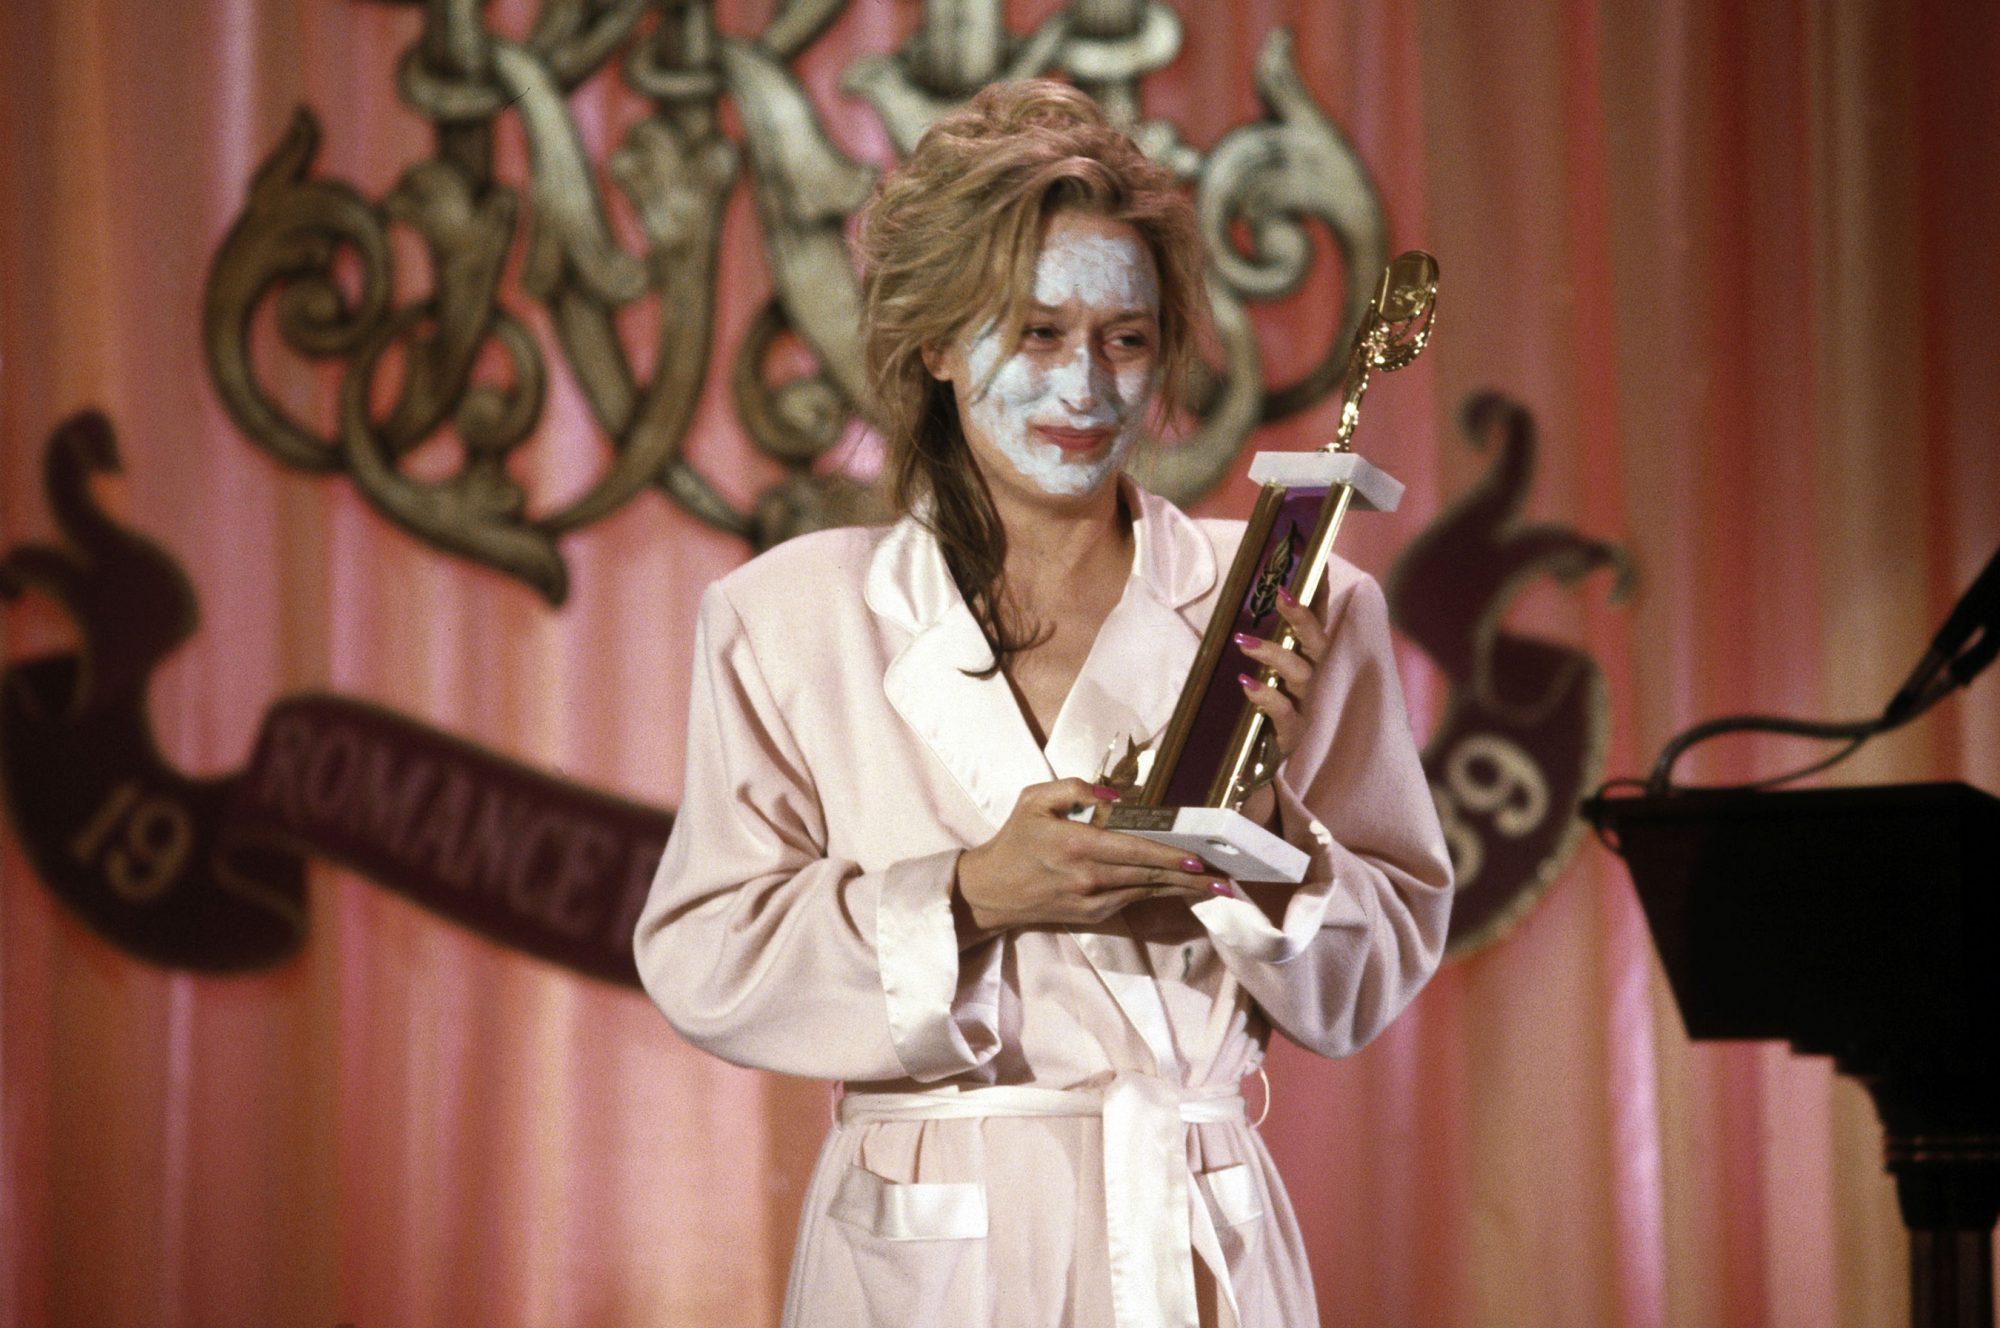 SHE-DEVIL, Meryl Streep, 1989, (c) Orion/courtesy Everett Collection